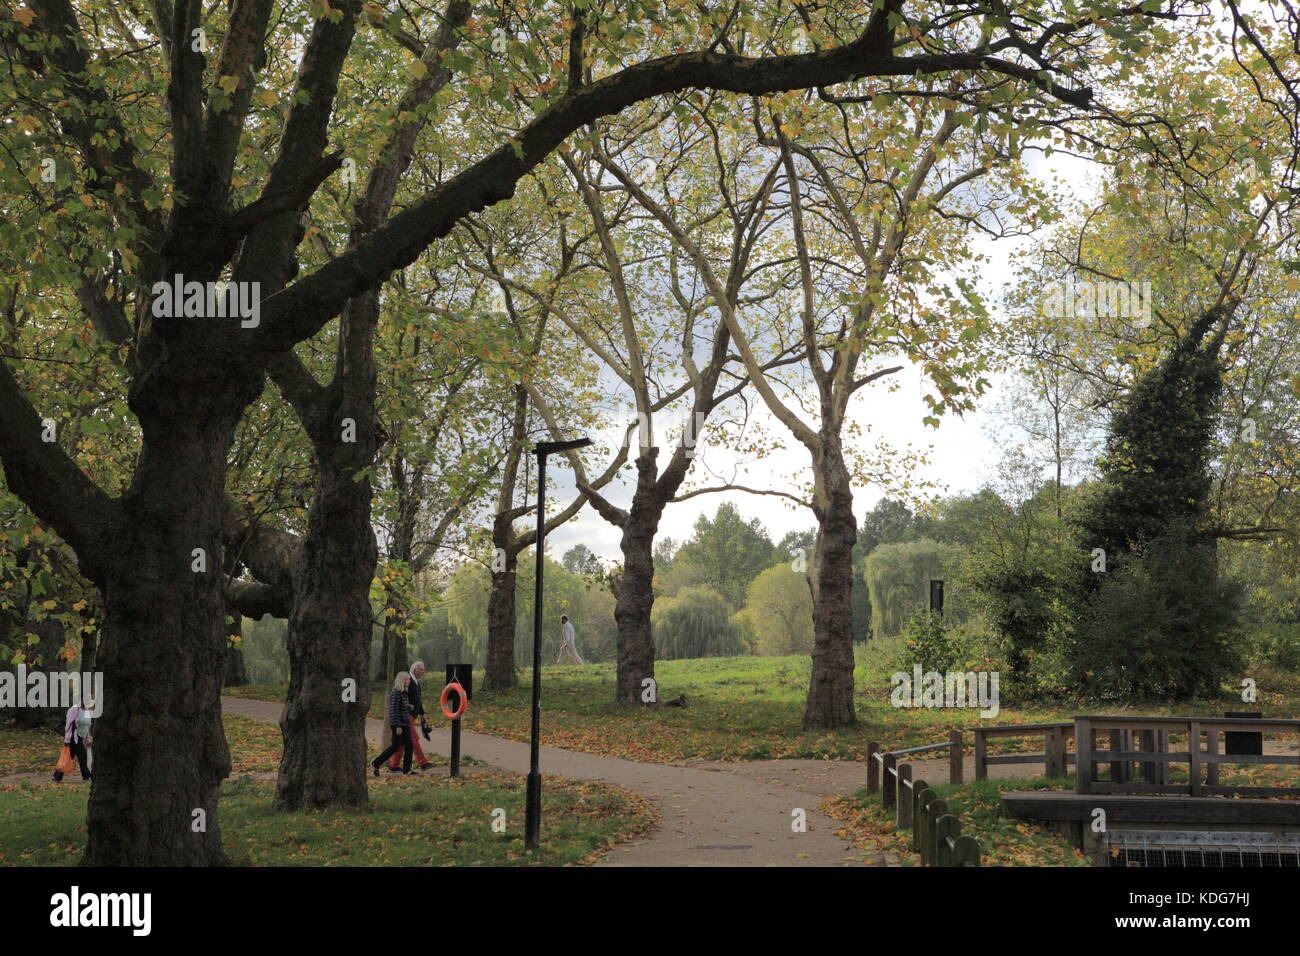 Hampstead Heath, autumn tress. - Stock Image